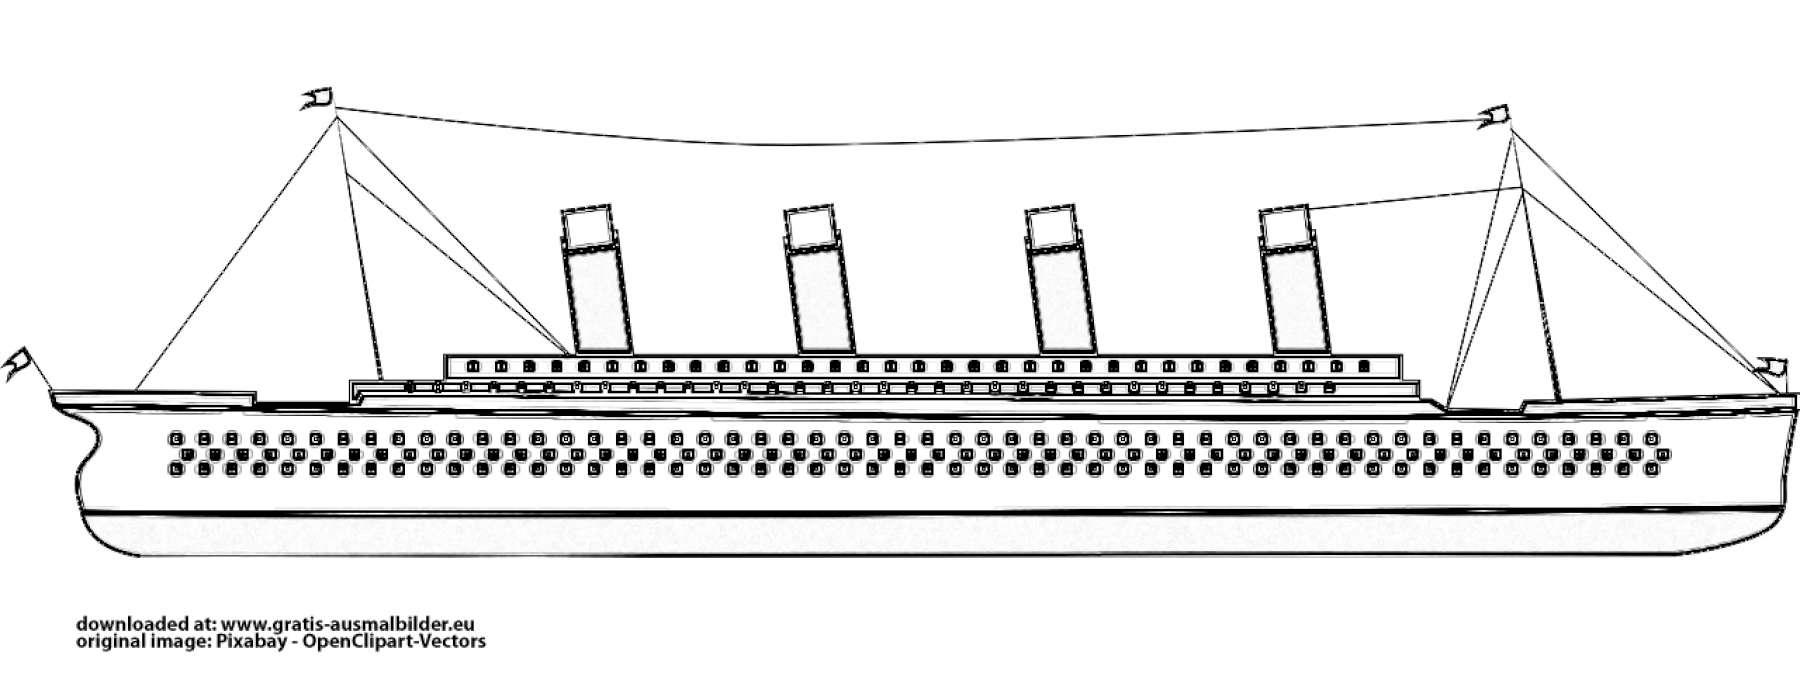 ▷ Titanic - Gratis Ausmalbild